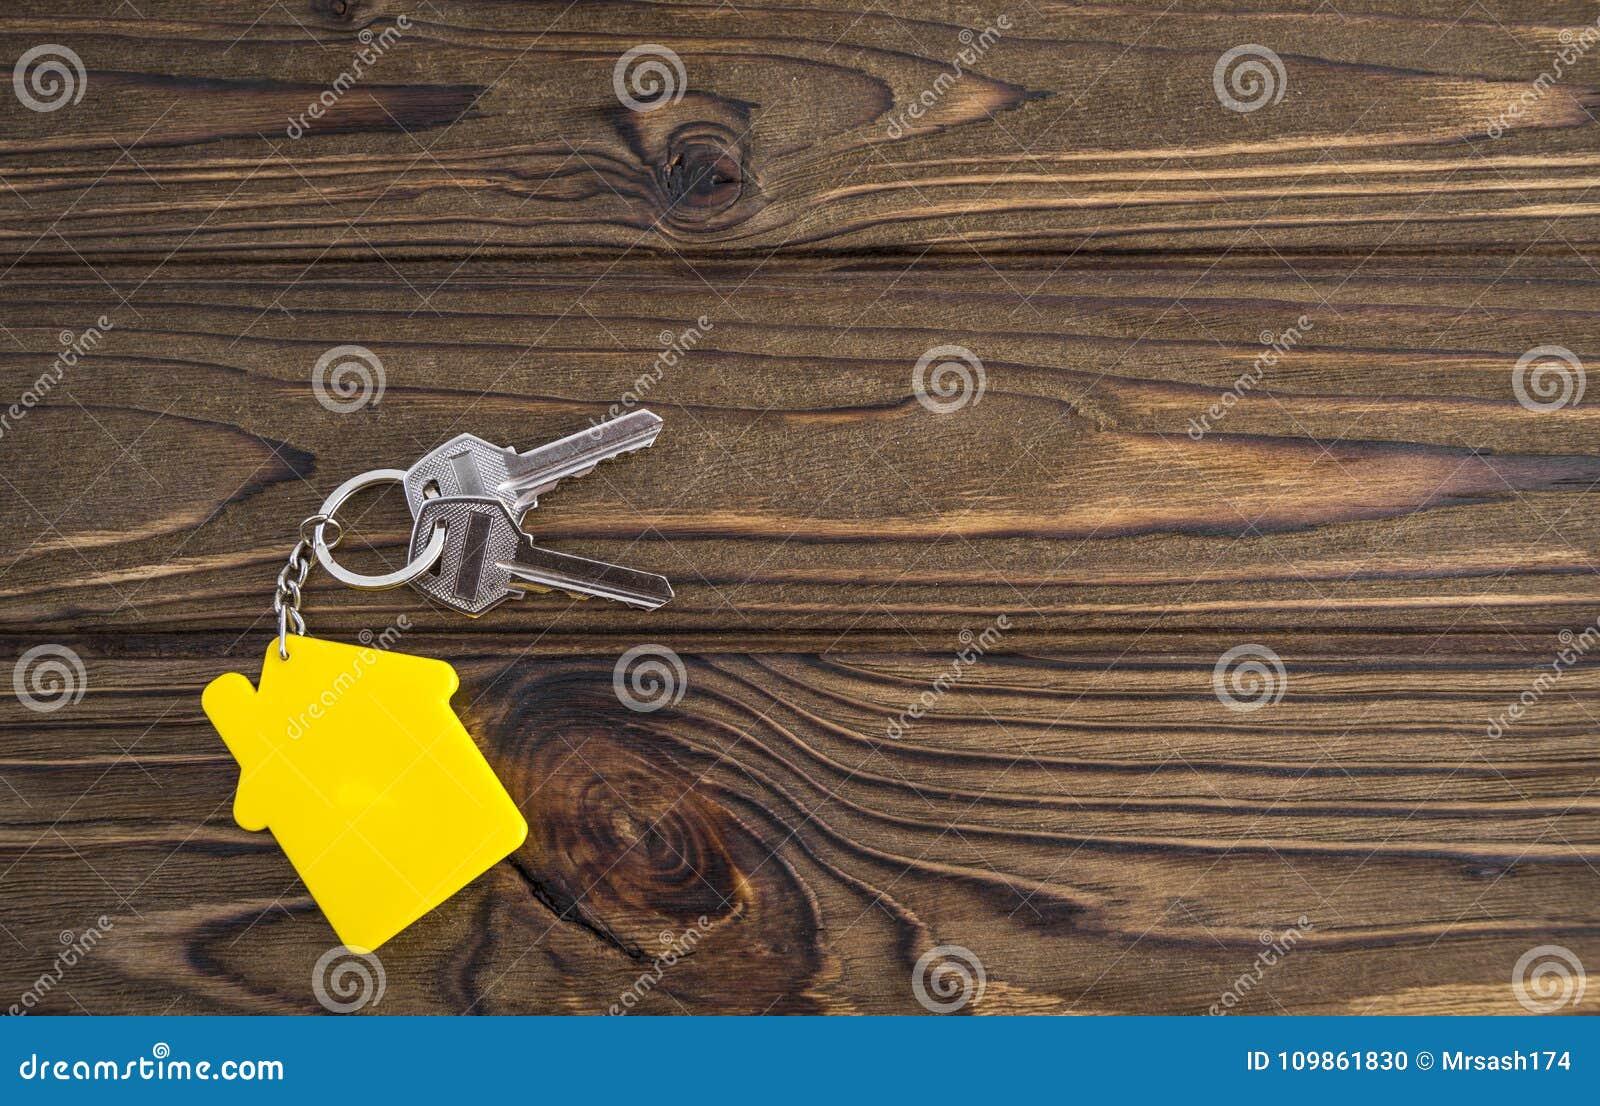 Llave con llavero formado amarillo de la casa en cadena en el fondo de madera de la textura